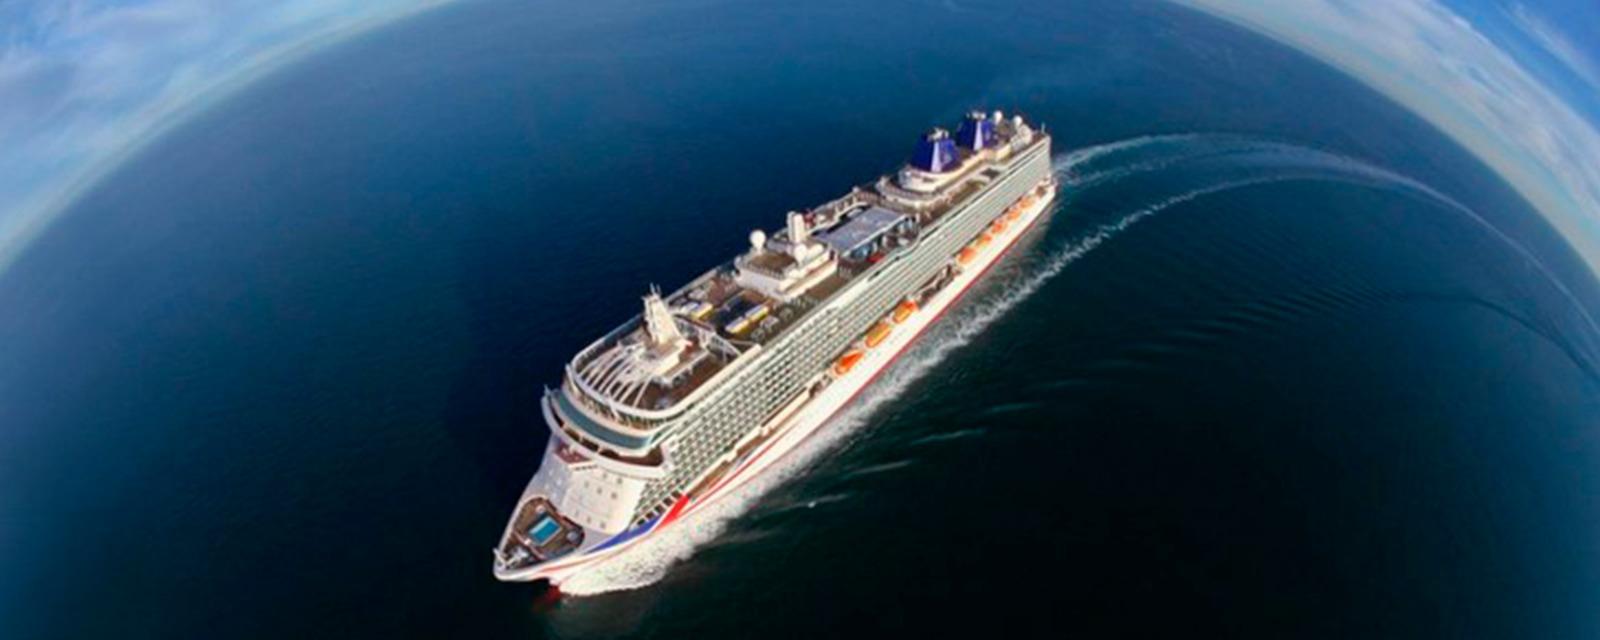 Ideas para viajar: lo barco más lujoso de mundo Ideas para viajar Ideas para viajar: lo barco más lujoso de mundo Featured 8